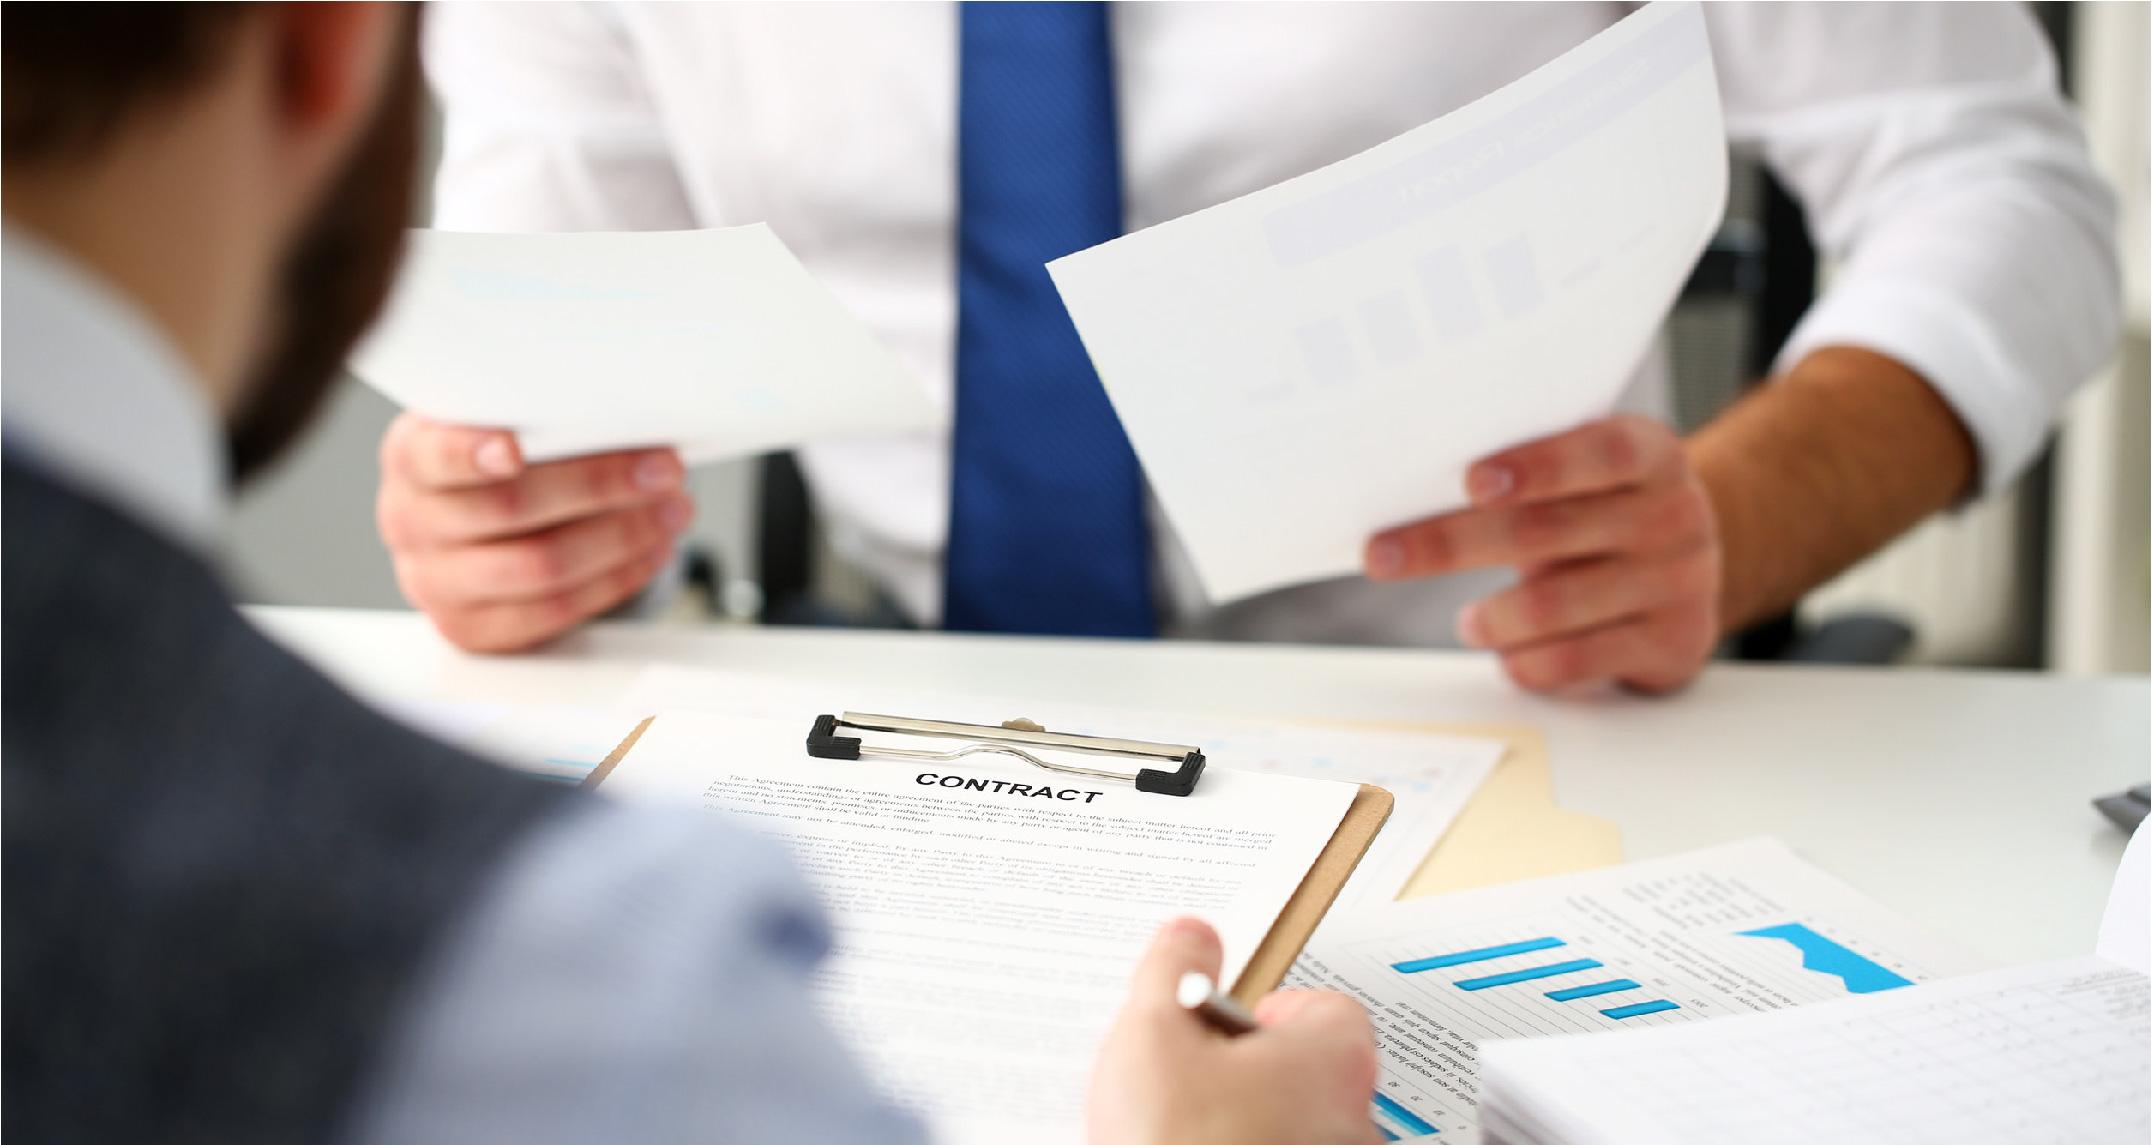 Bedrijfsoverdracht: kiezen voor een activa passiva transactie of een aandelentransactie?